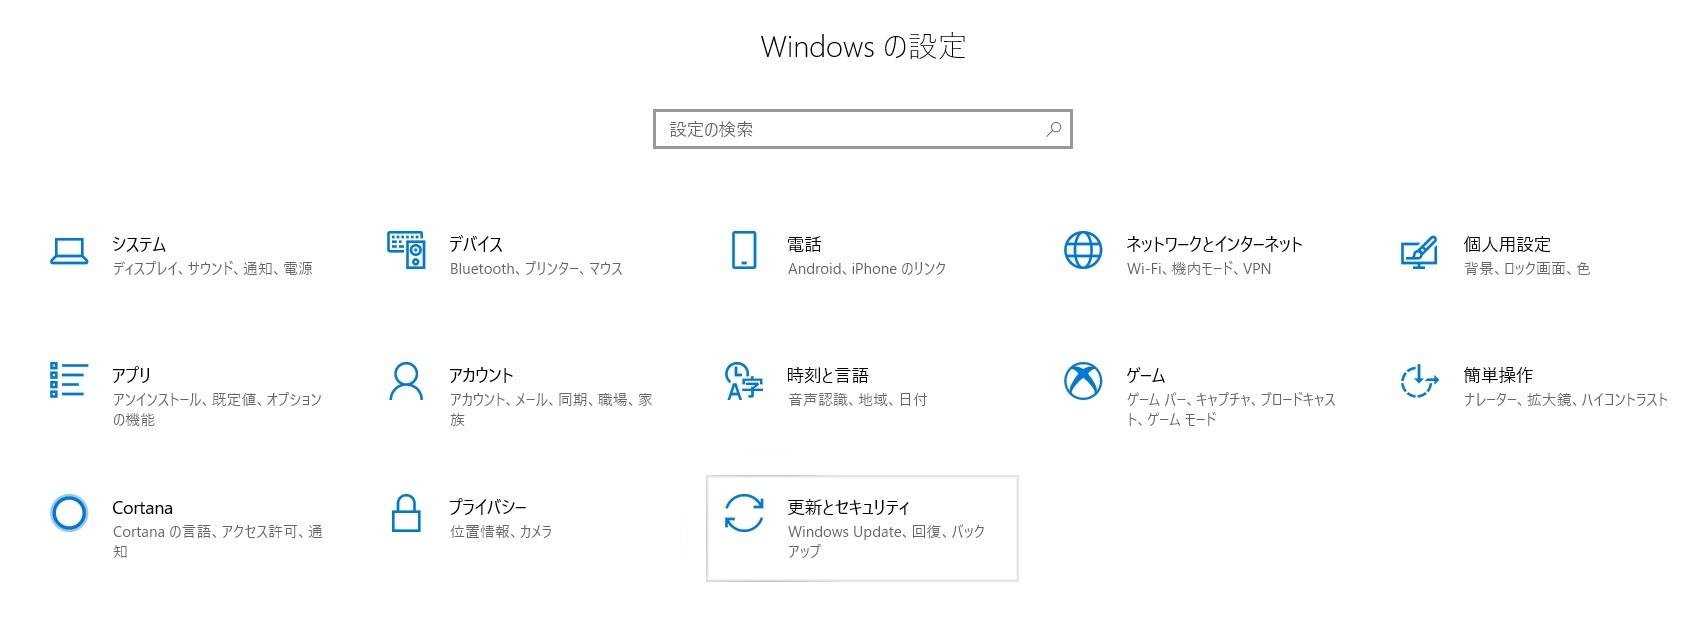 Windowsの状態